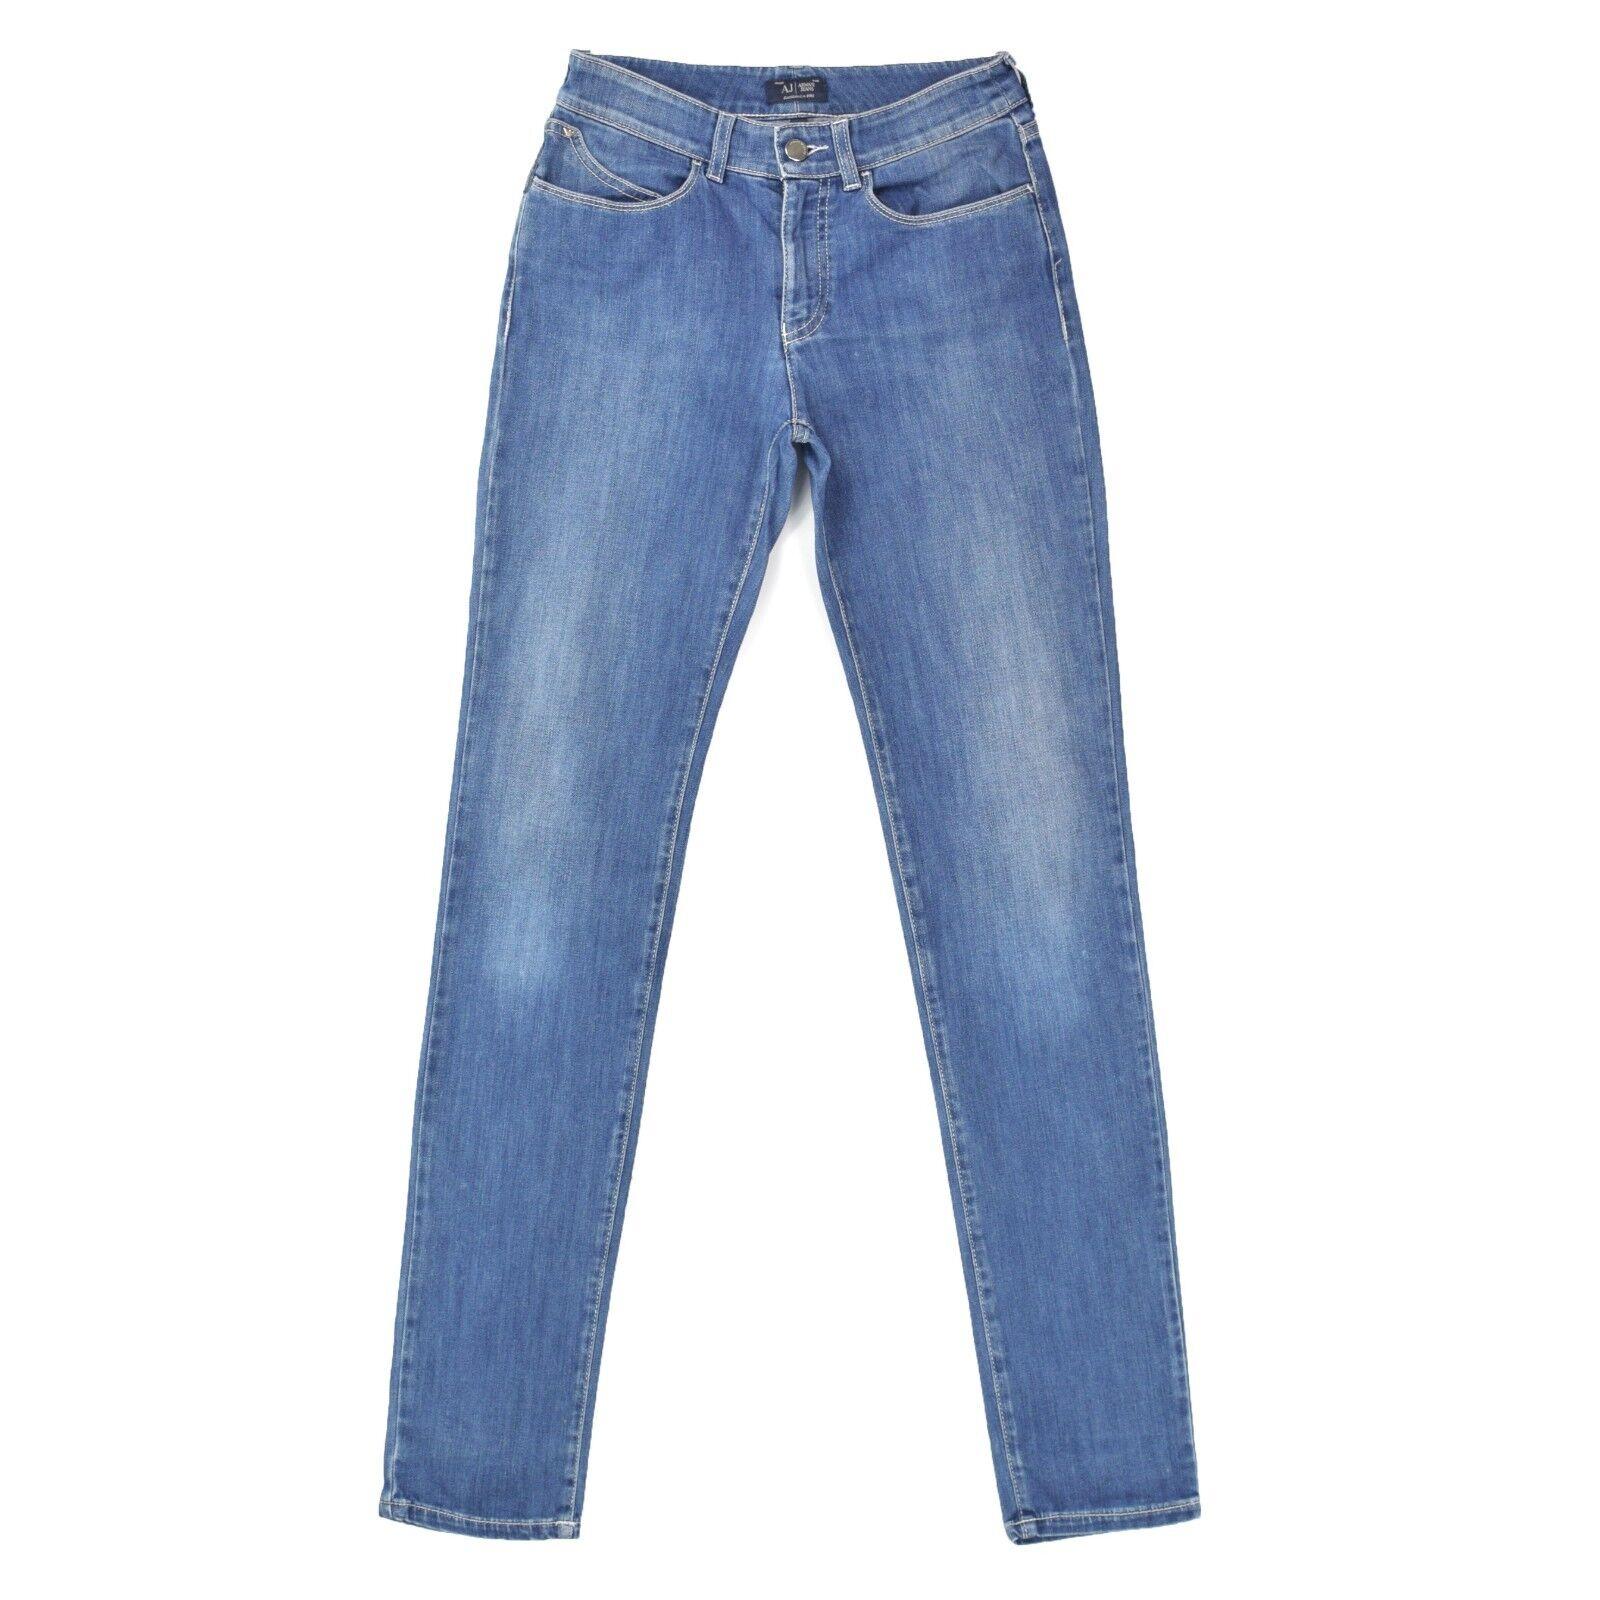 ARMANI JEANS Damen Jeans W27 L32 Skinny Strech Hose Women Pants blau wie NEU